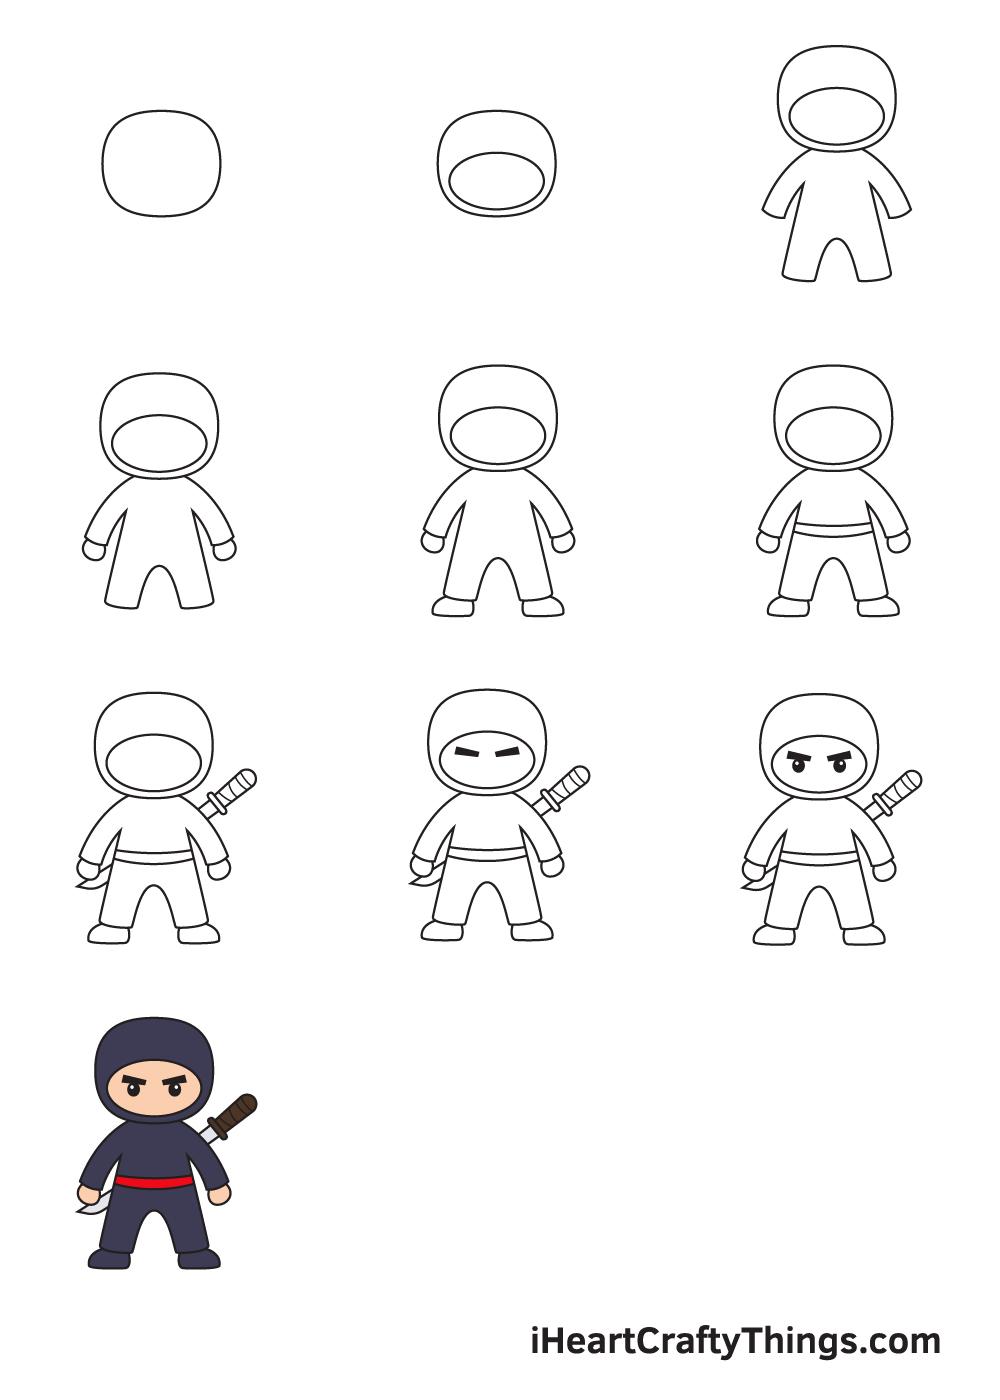 drawing ninja in 9 easy steps